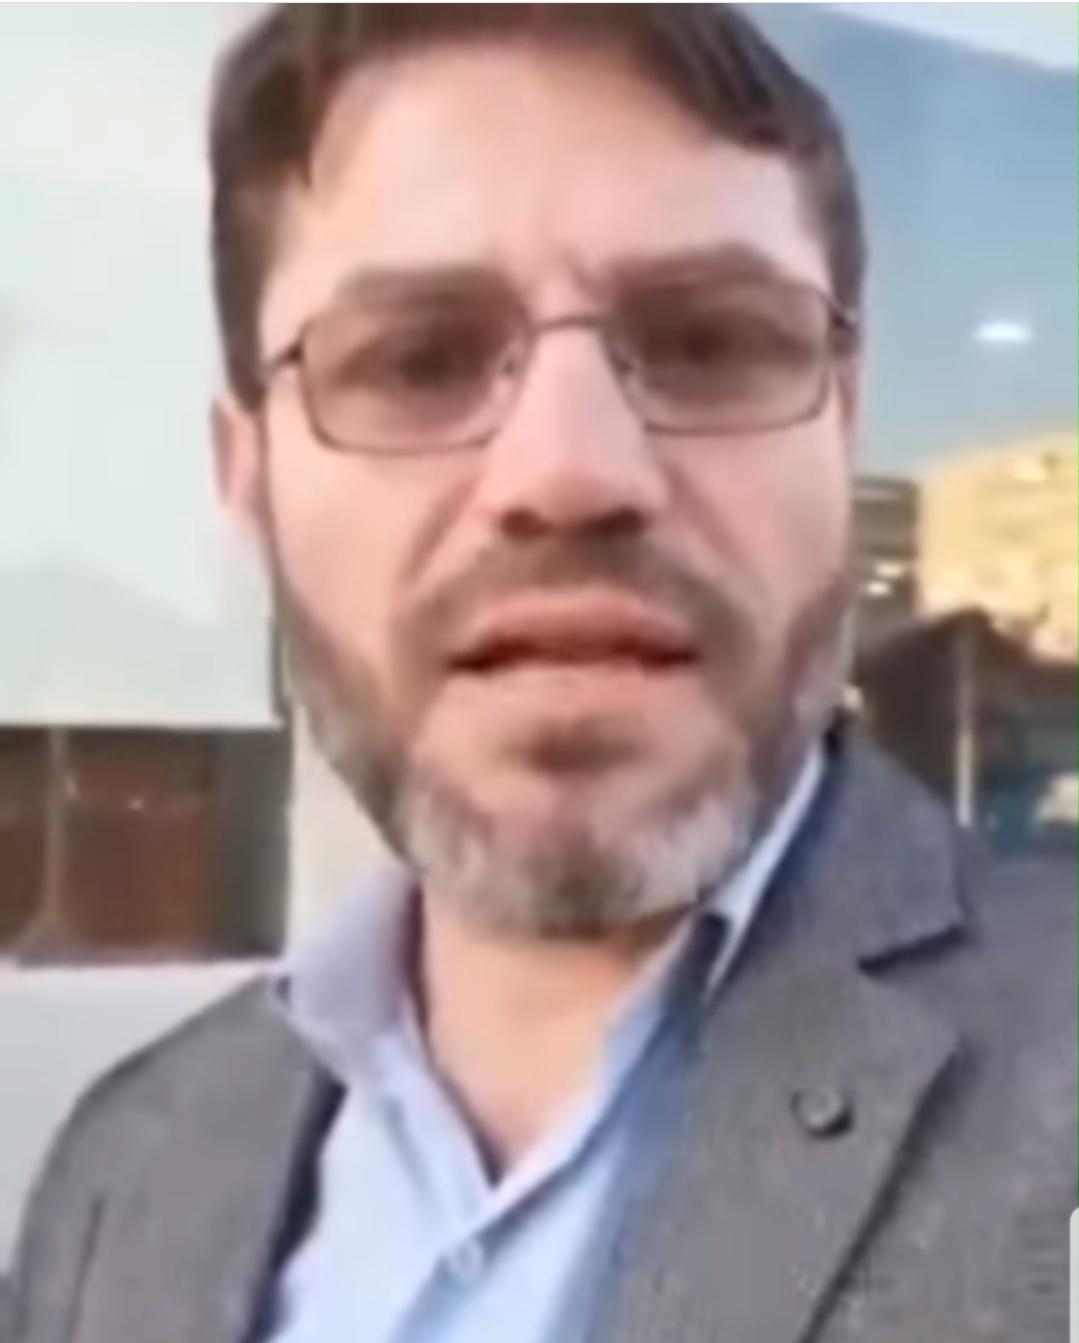 الإعلامي اللبناني بلال عبد الساتر: الآن هو زمن الشعوب العربيّة ضدّ الكيان الإسرائيلي